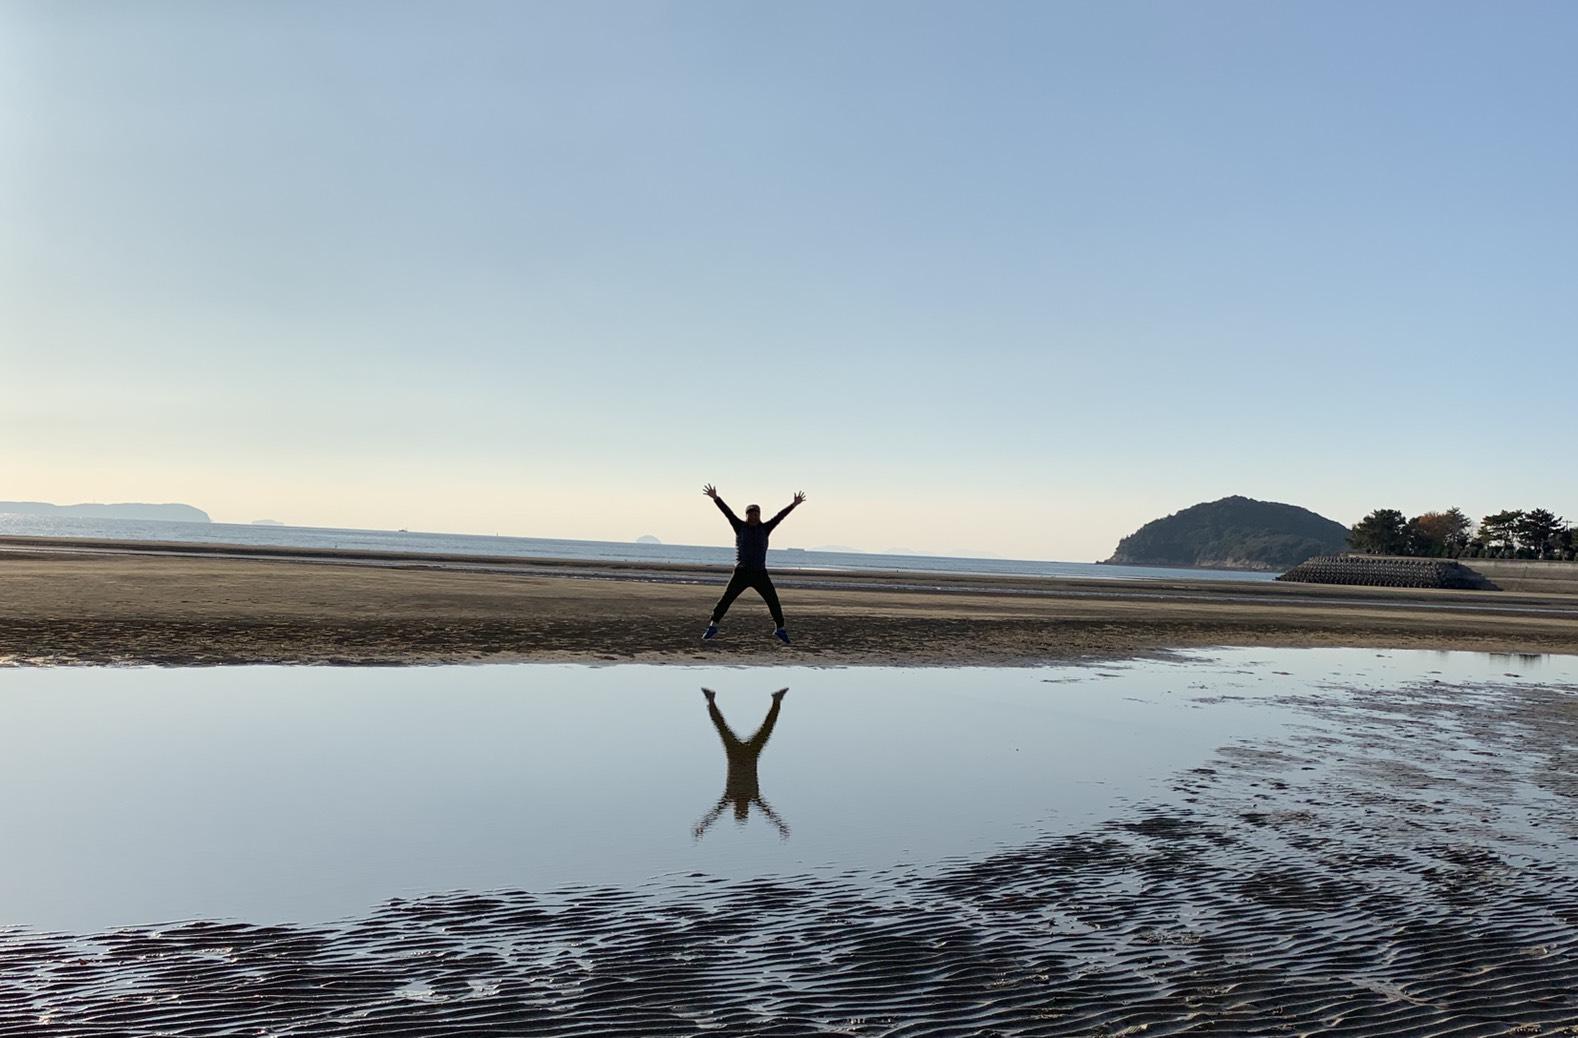 日本のウユニ塩湖で飛んでみた!